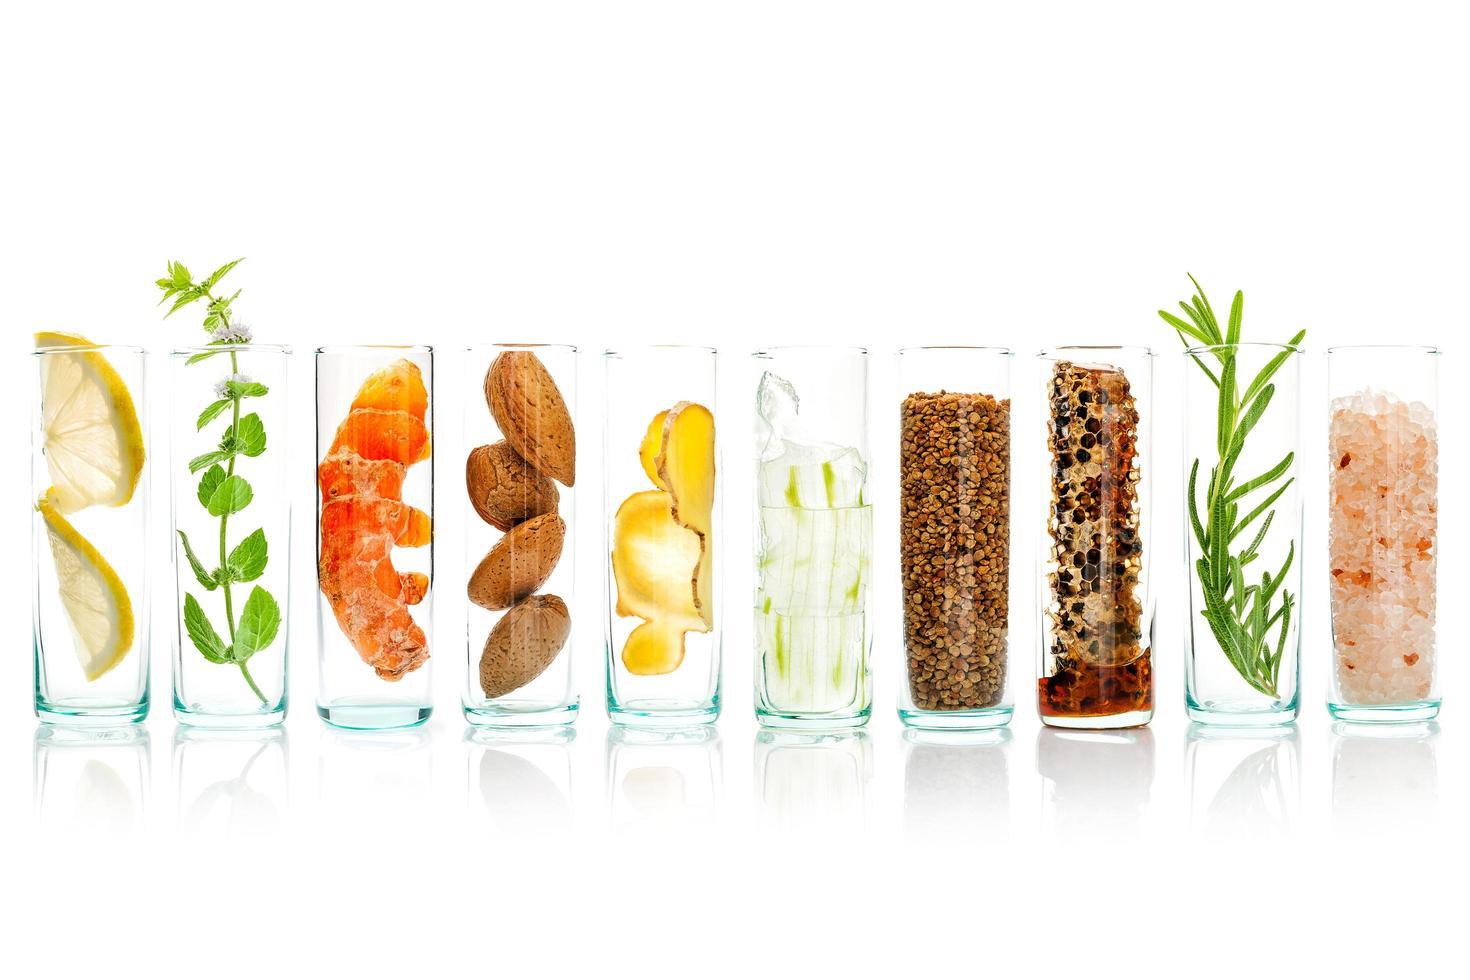 natuurlijke ingrediënten in glazen potten foto